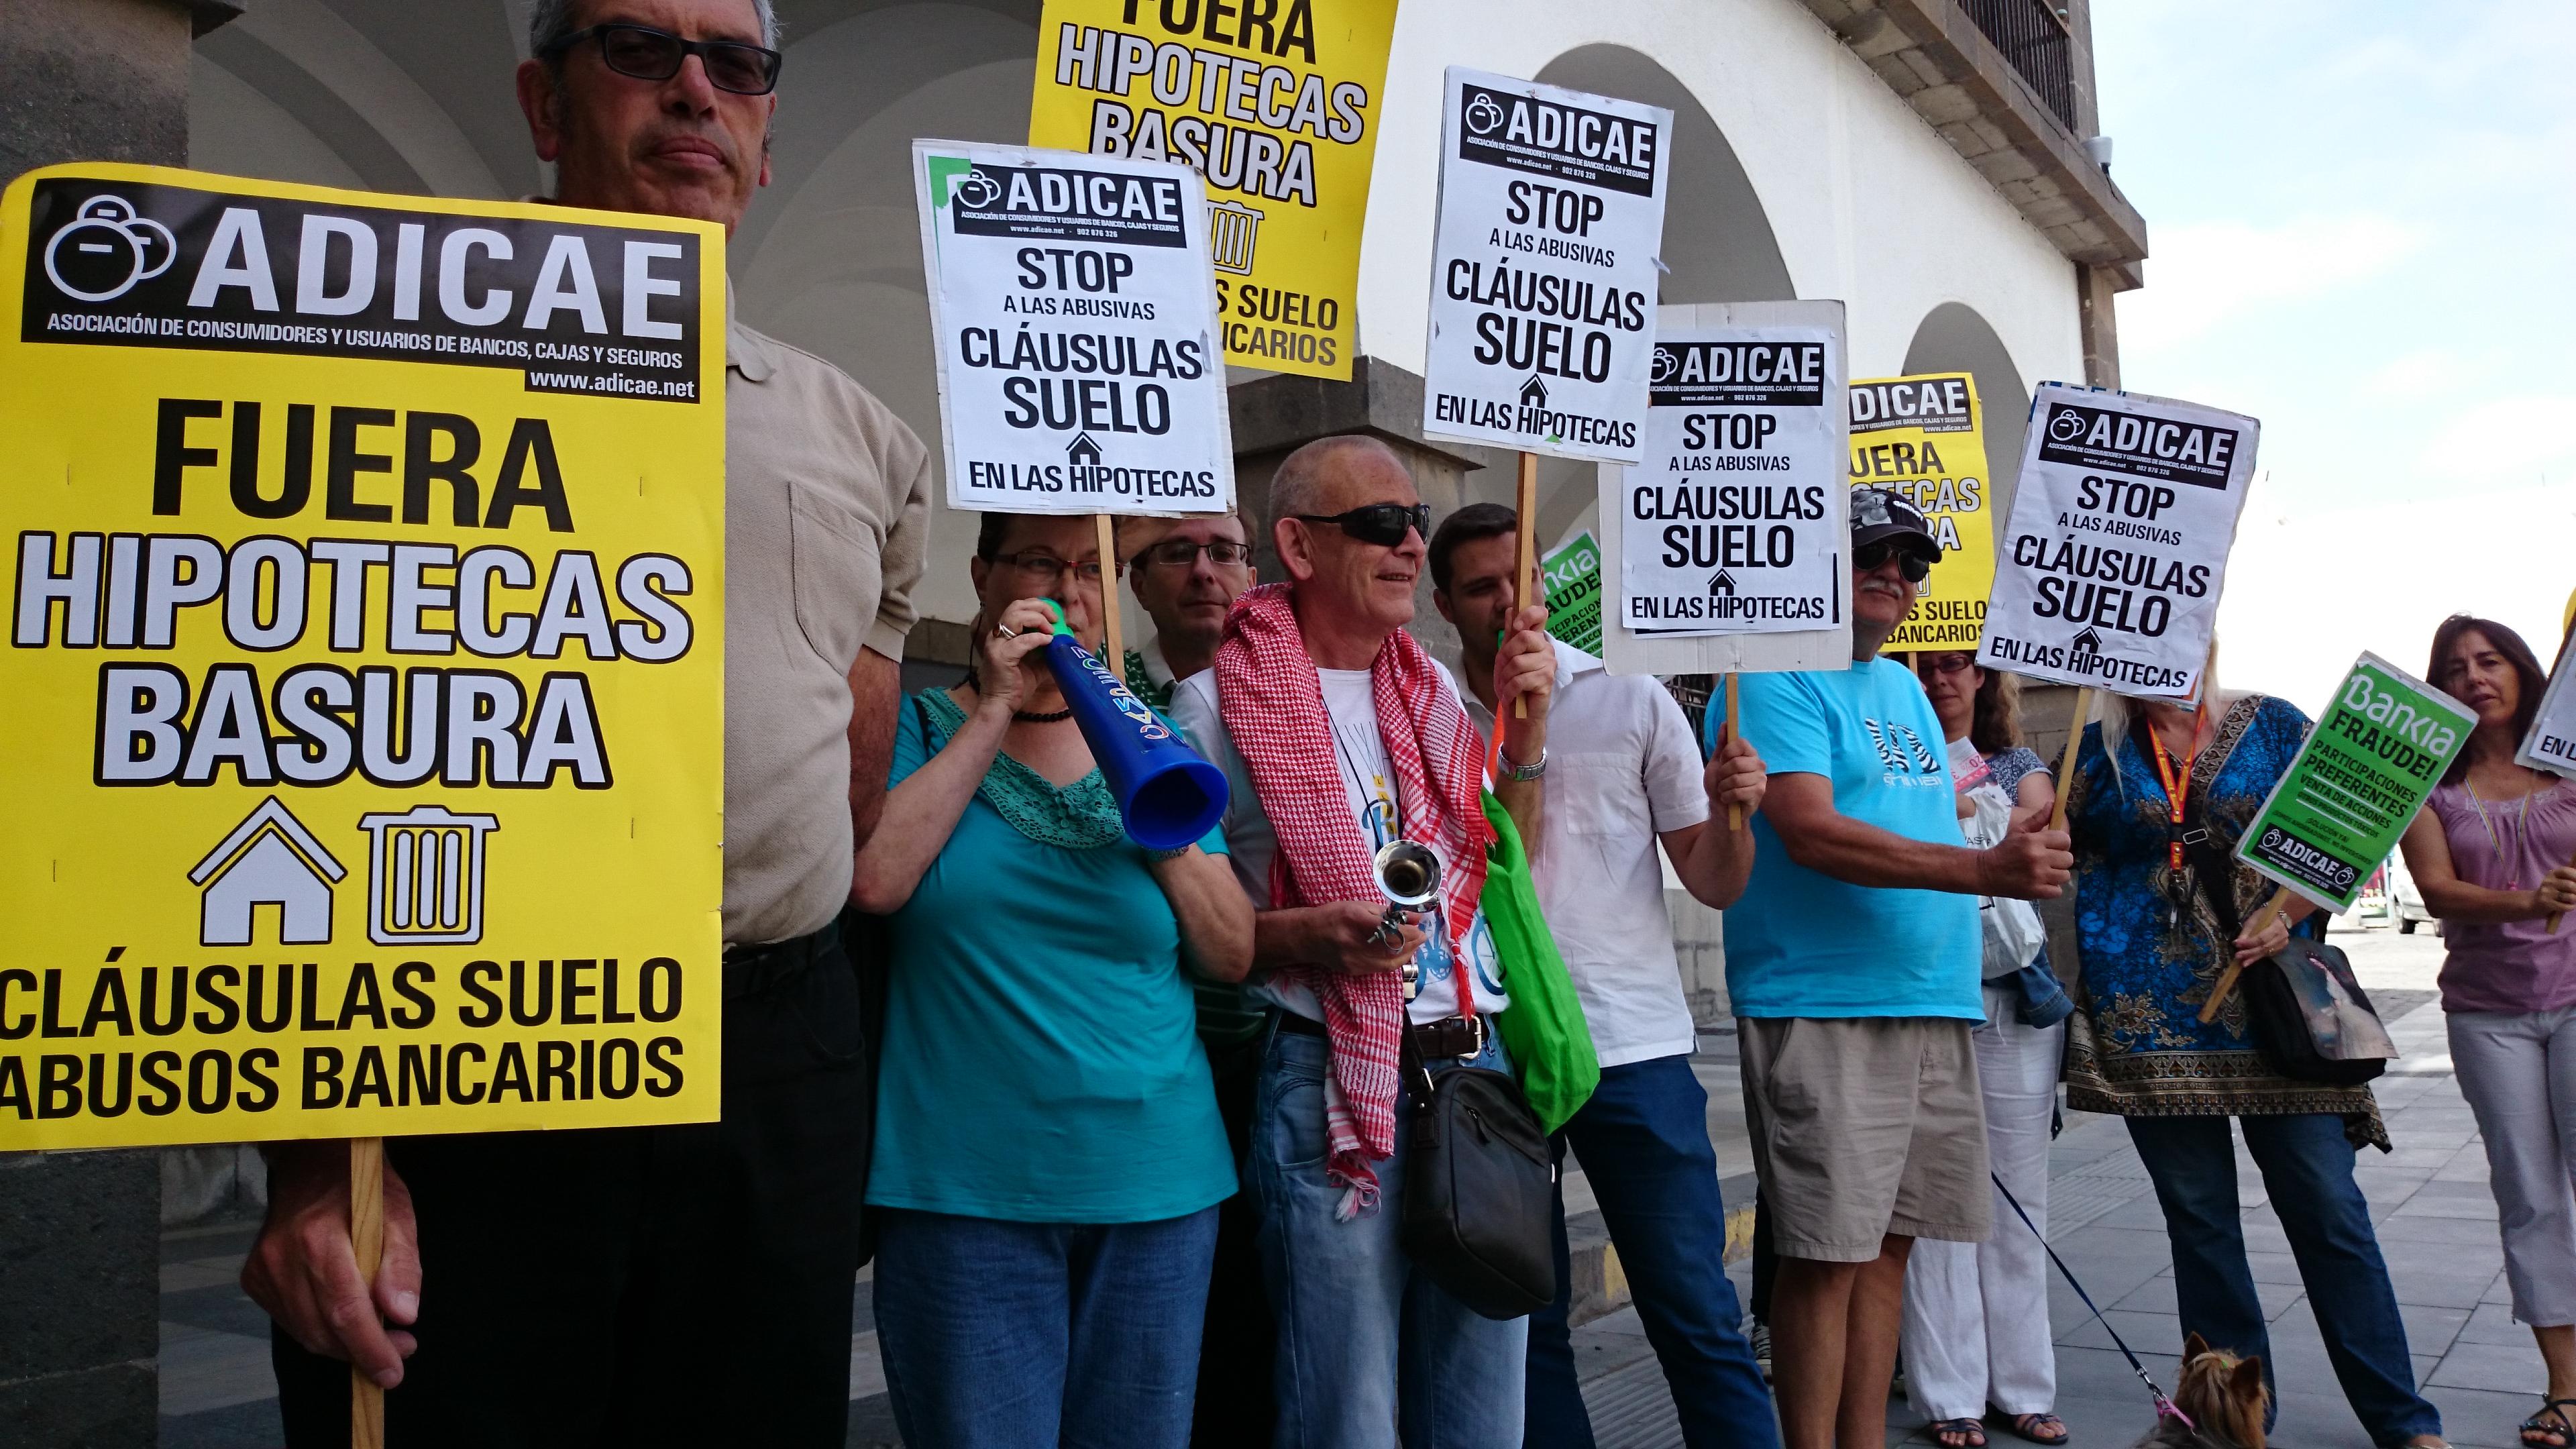 Concentración protesta contra las cláusulas suelo.